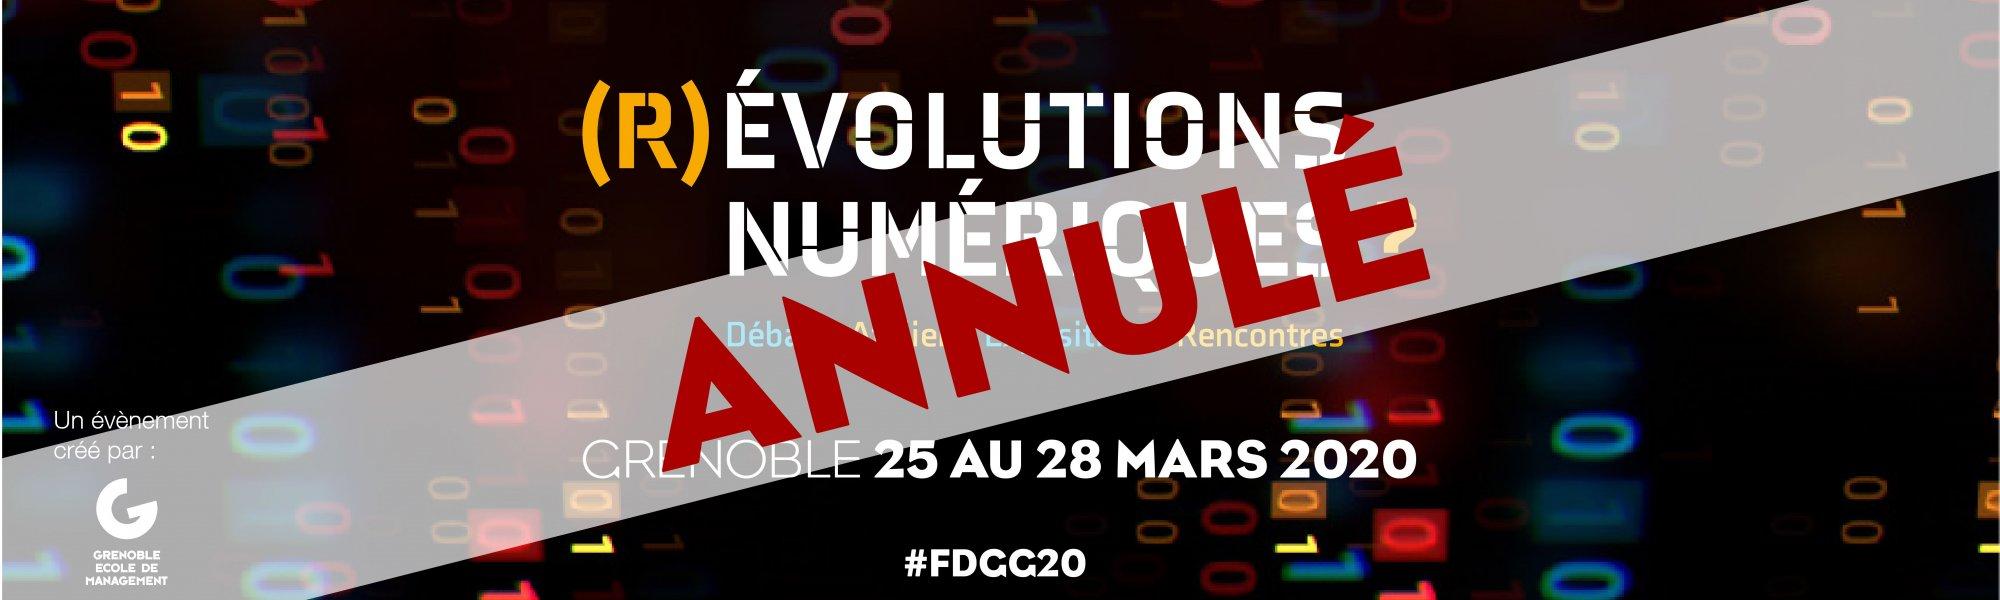 festival de géopolitique 2020 annulé